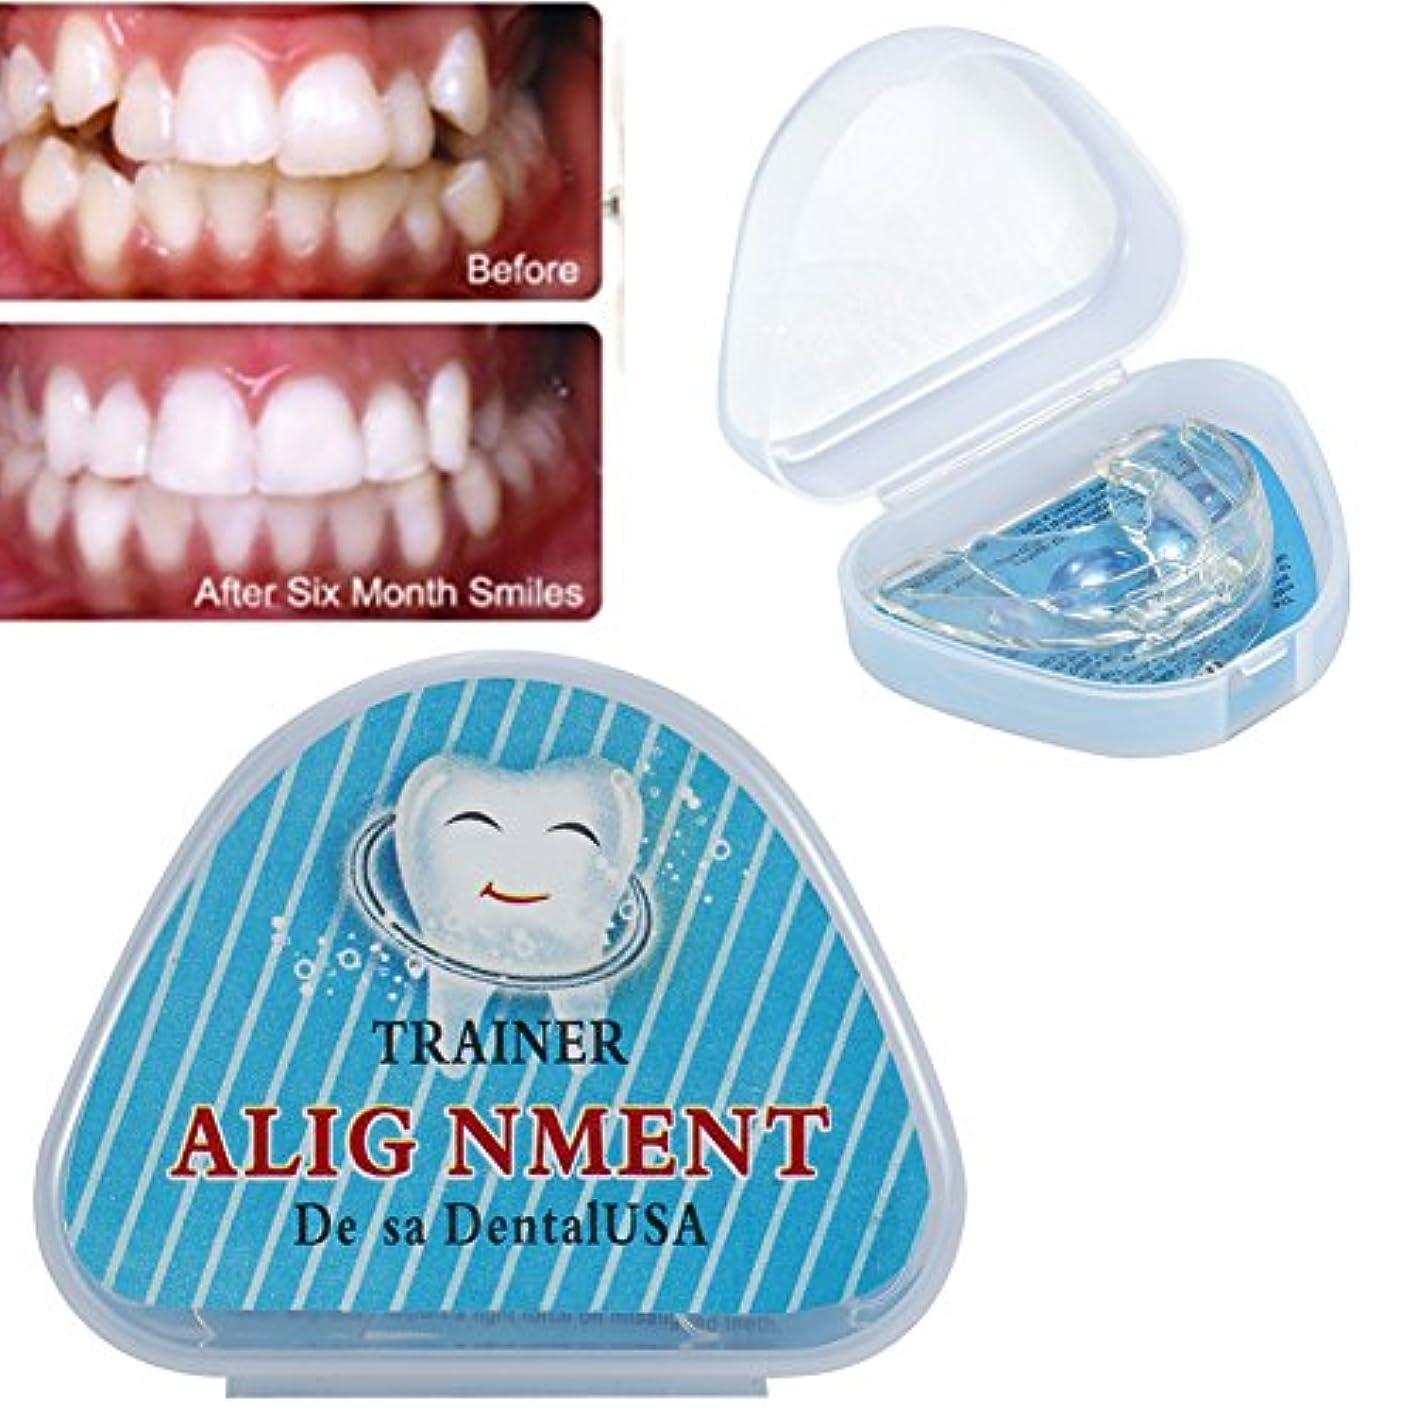 本質的ではない低い肺Eboxer 歯 矯正 矯正器 デンタルマウスピース 矯正用リテーナー マウスピース 噛み合わせ 歯ぎしり いびき防止 予防 歯並び 矯正